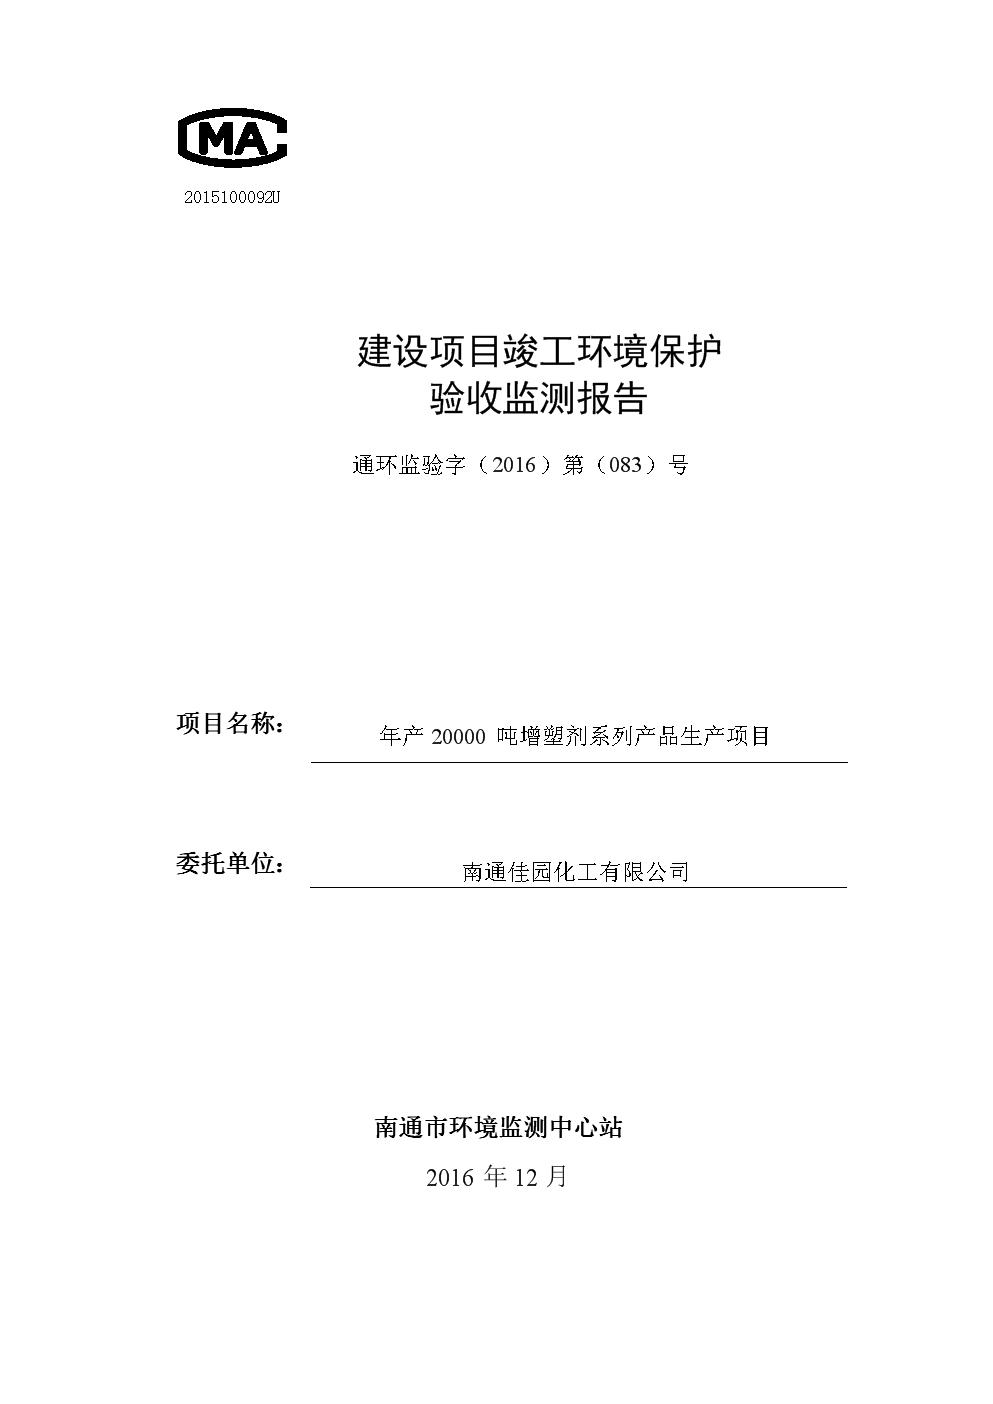 南通佳园化工有限公司验收监测报告-建设项目竣工环境保.doc